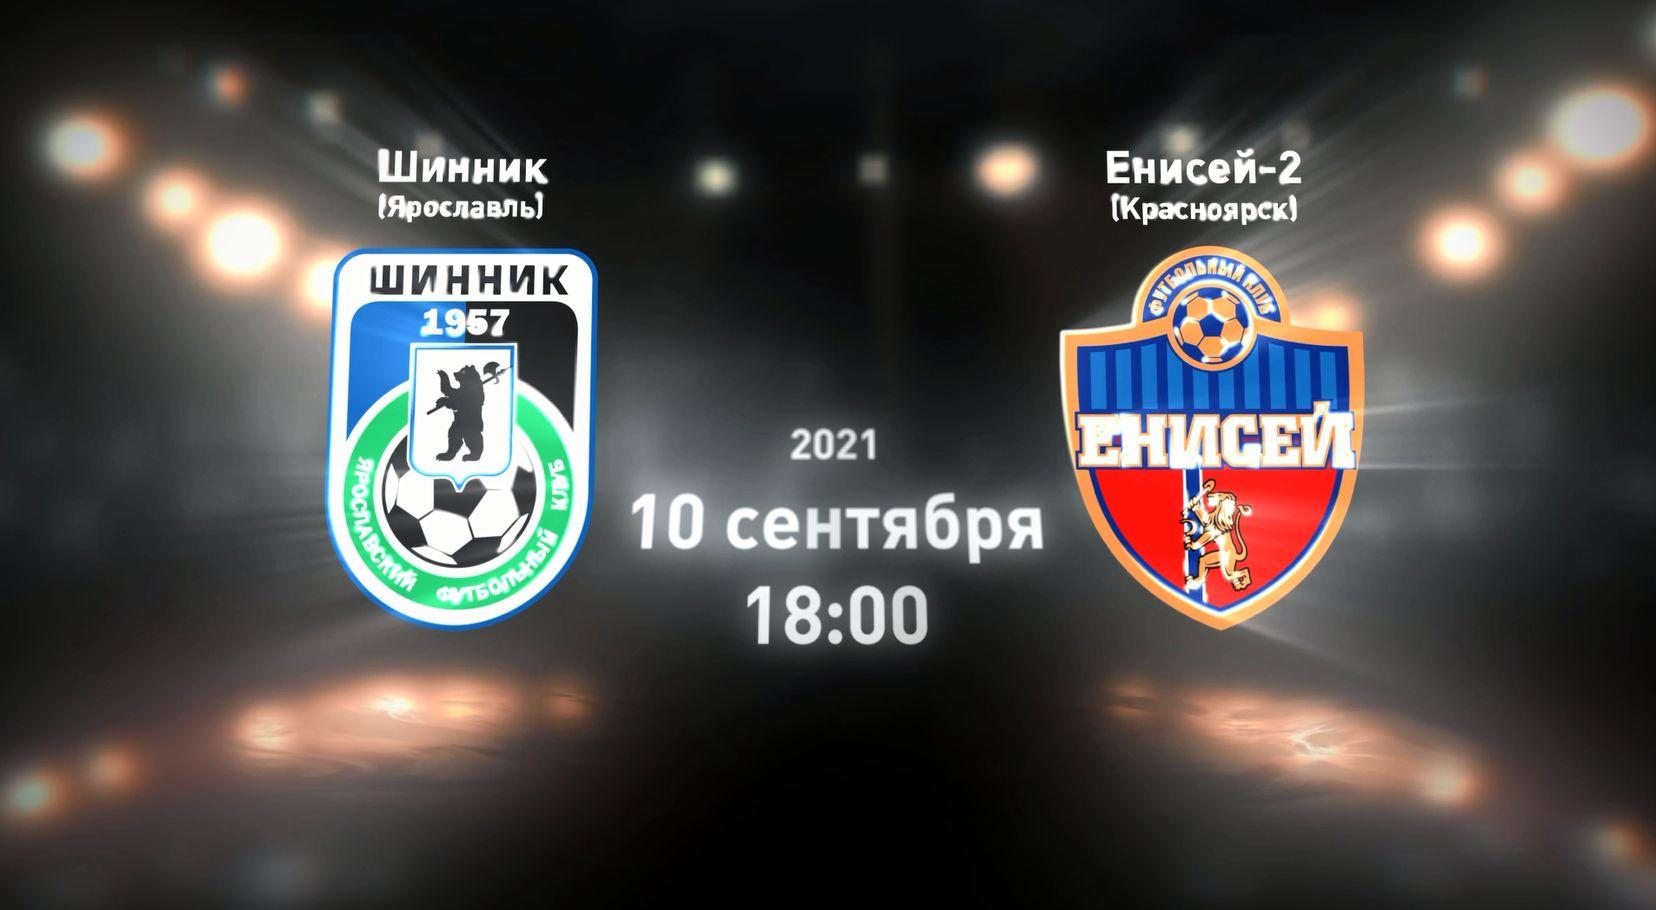 Ярославский «Шинник» готовится к очередному матчу